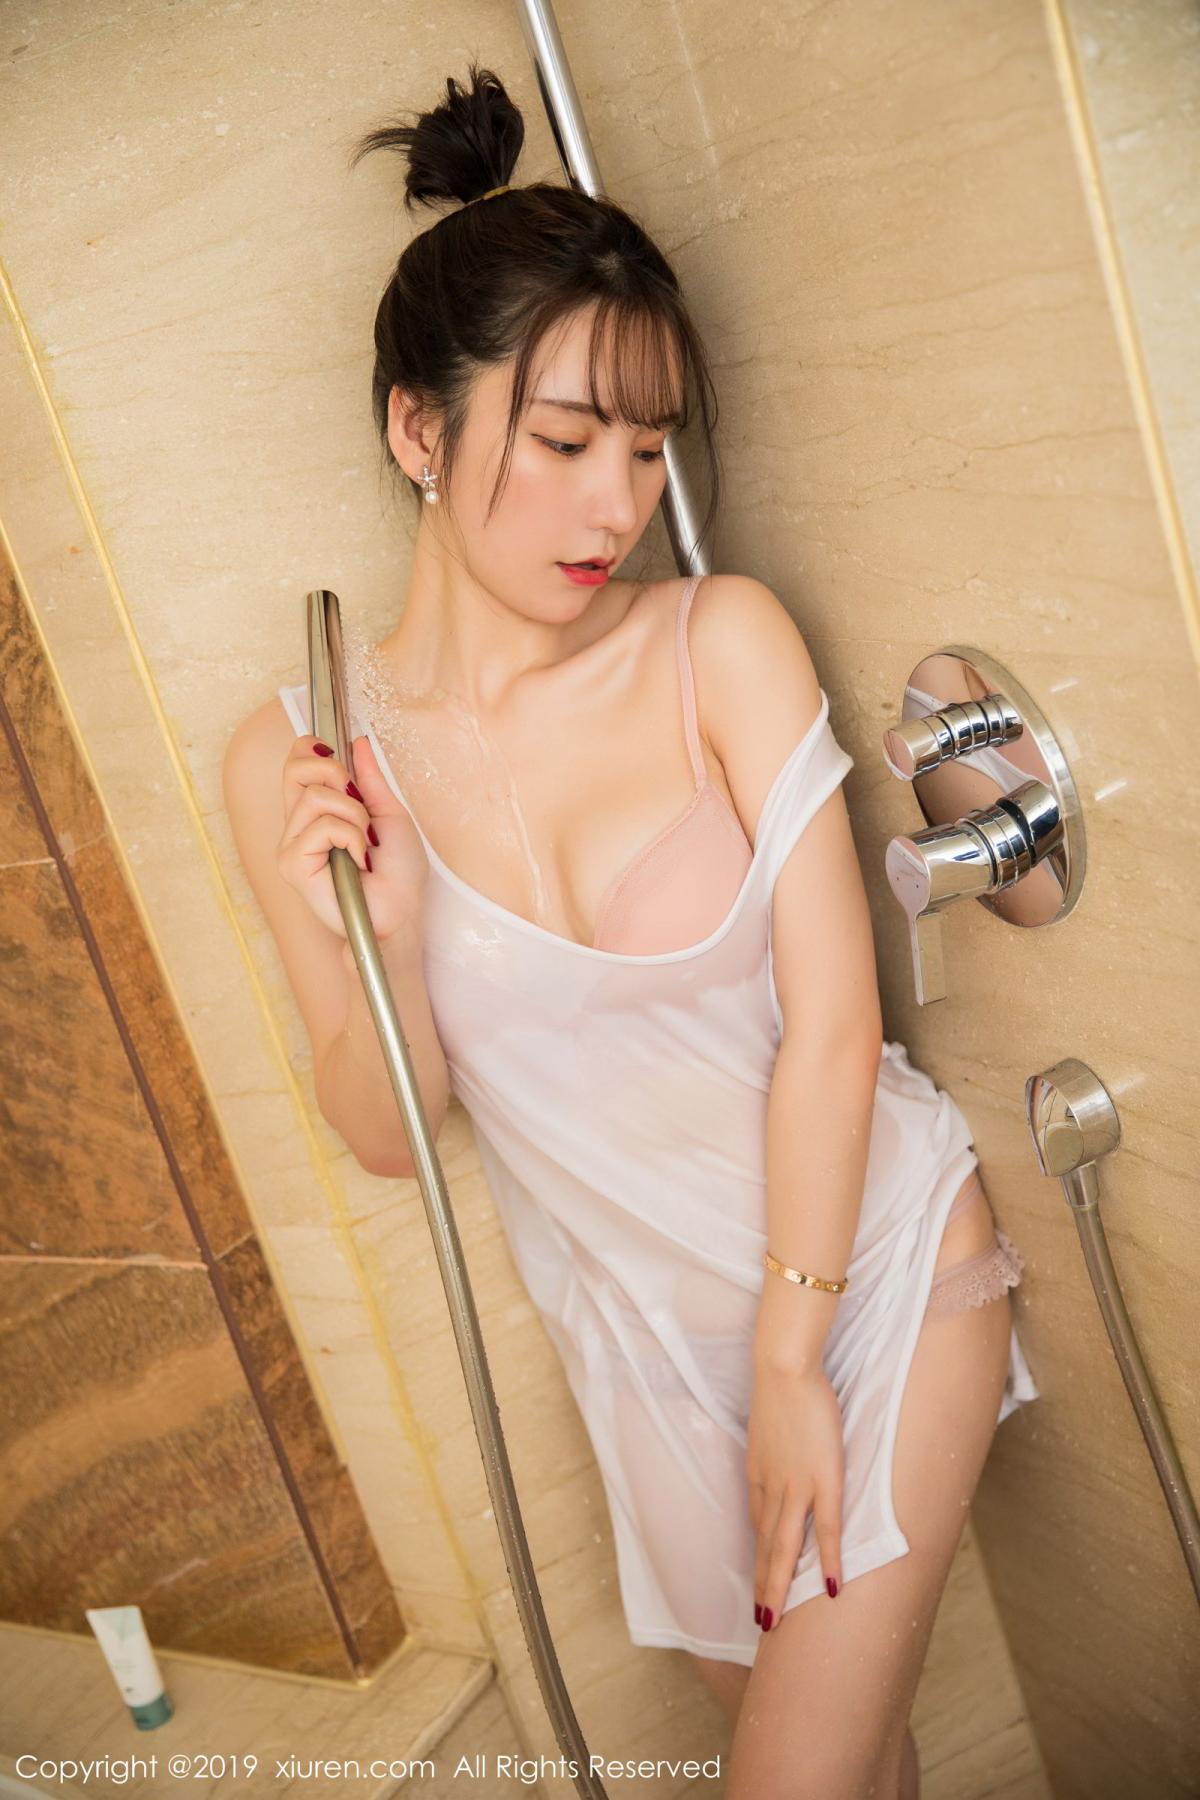 [XiuRen] Vol.1656 Zhou Yu Xi 19P, Bathroom, Underwear, Wet, Xiuren, Zhou Yu Xi